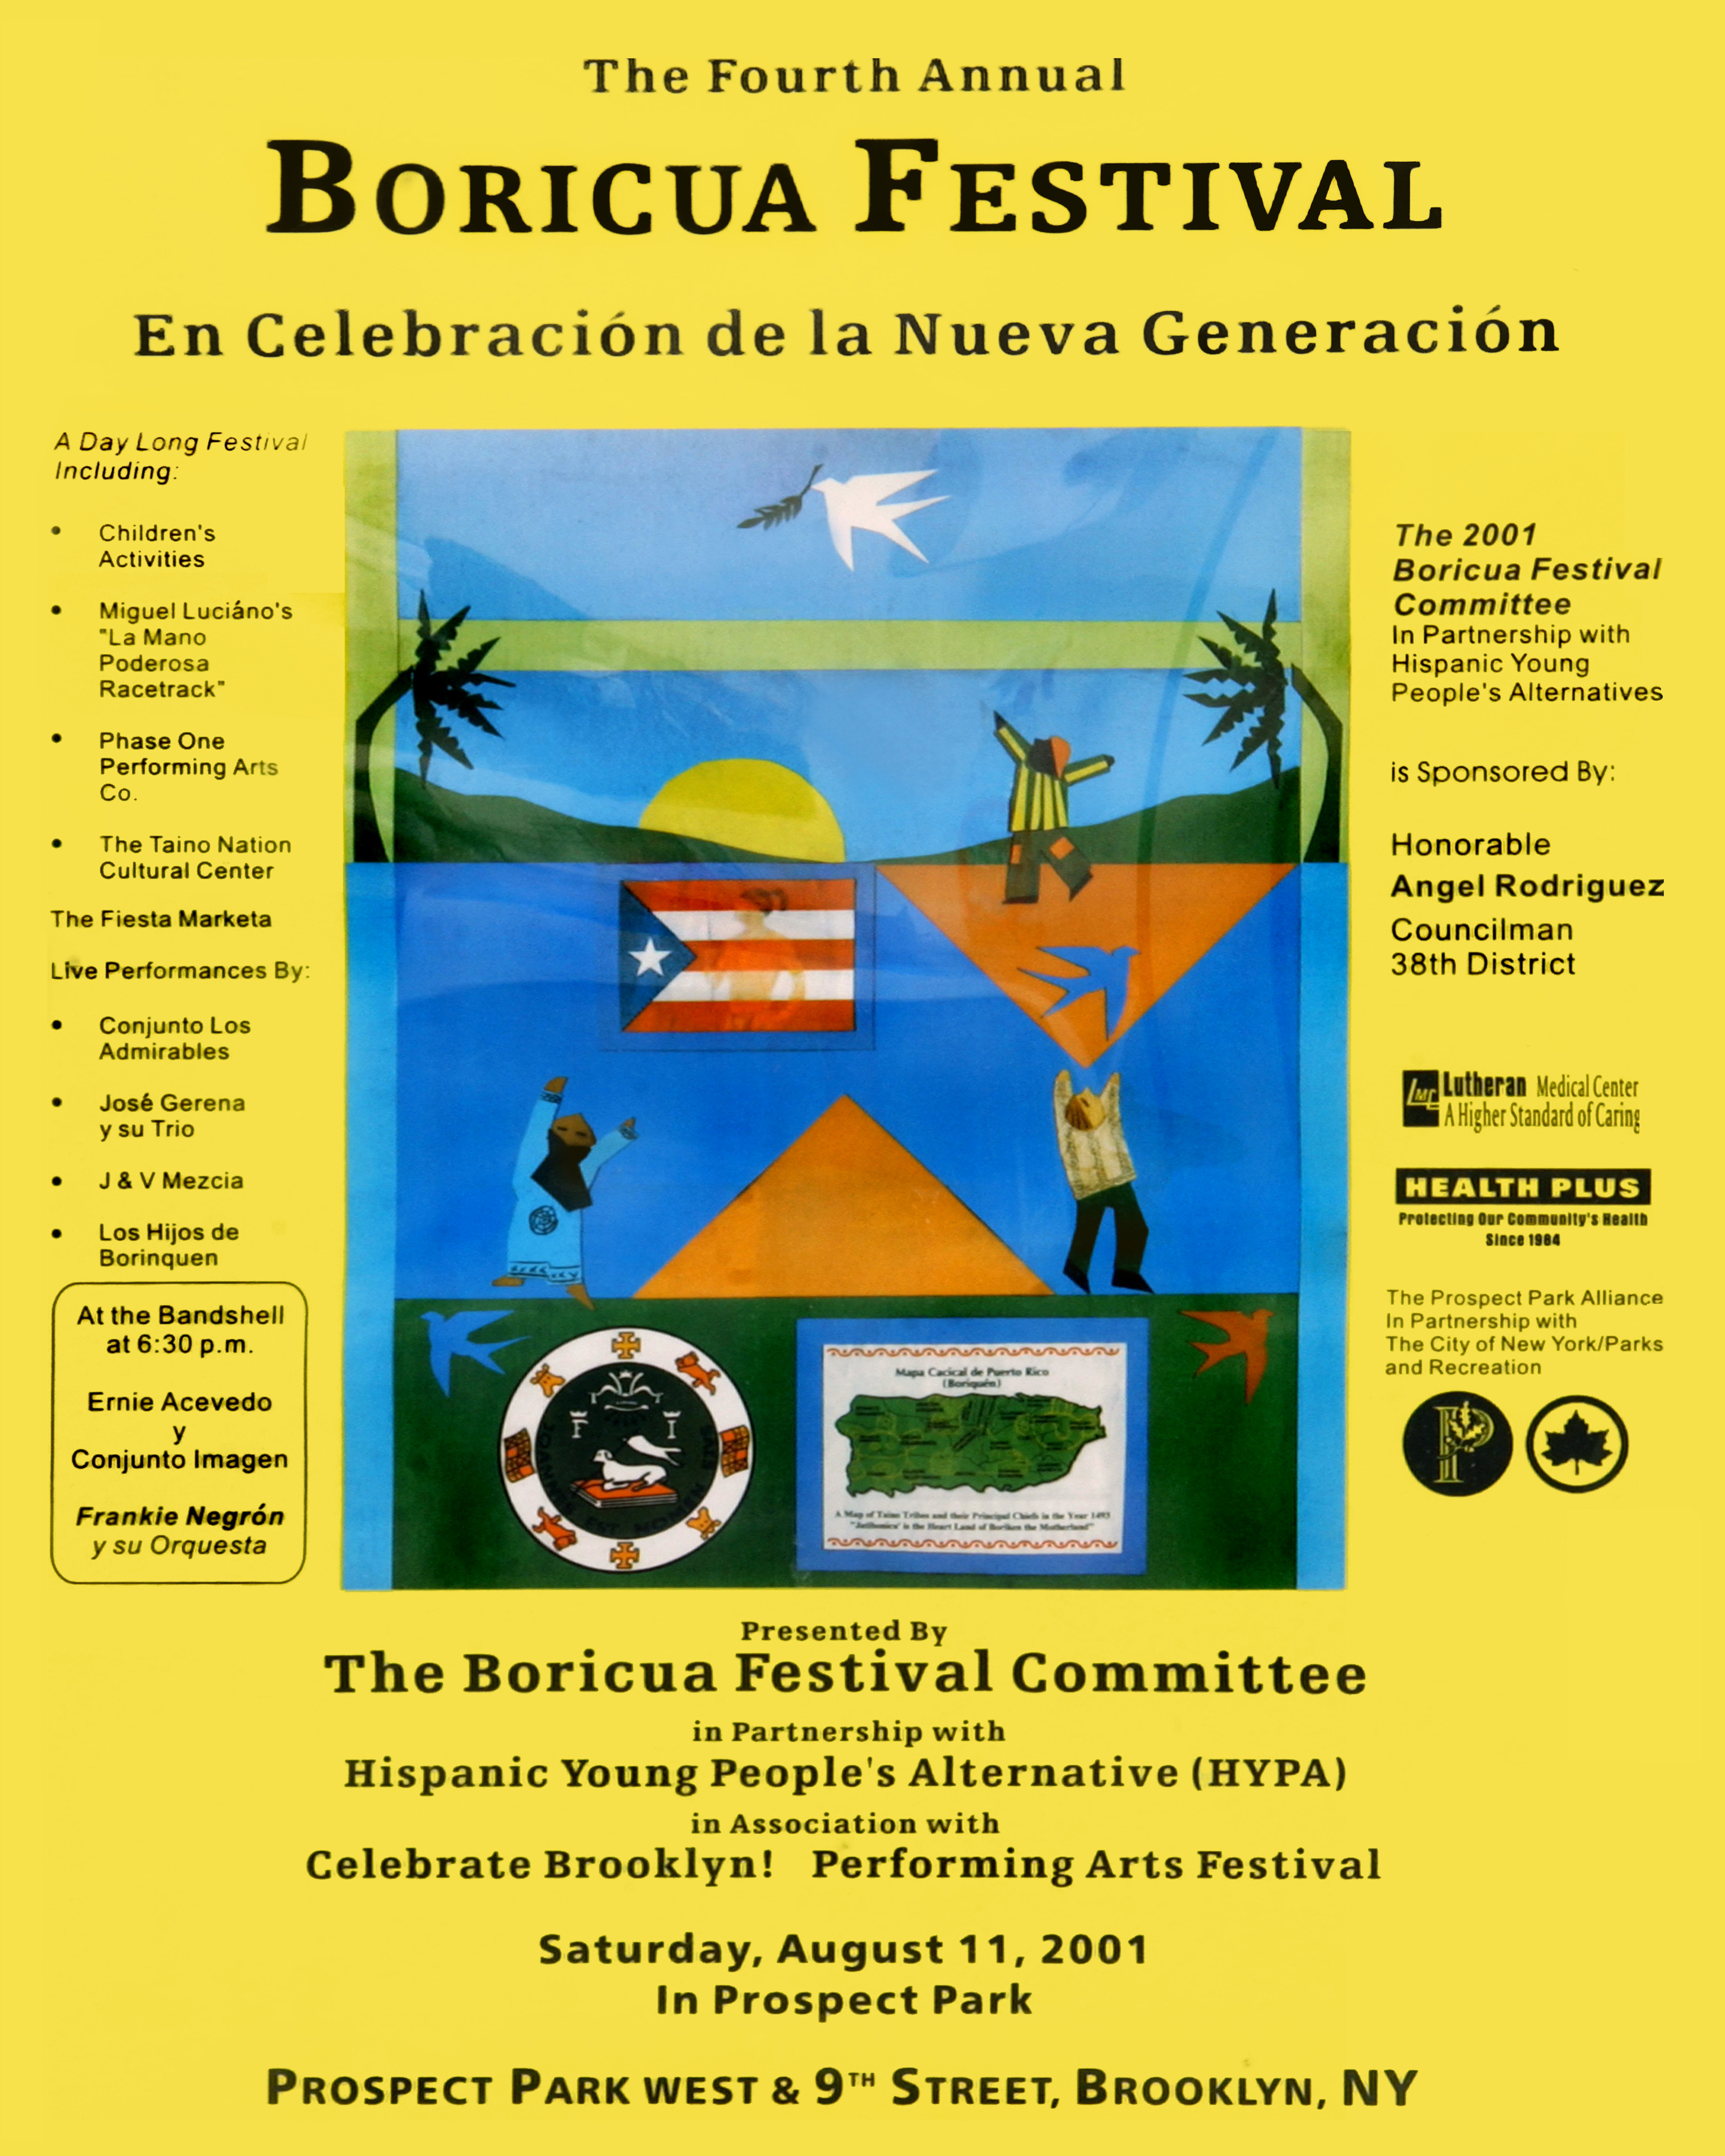 Boricua Festival 2001 Poster